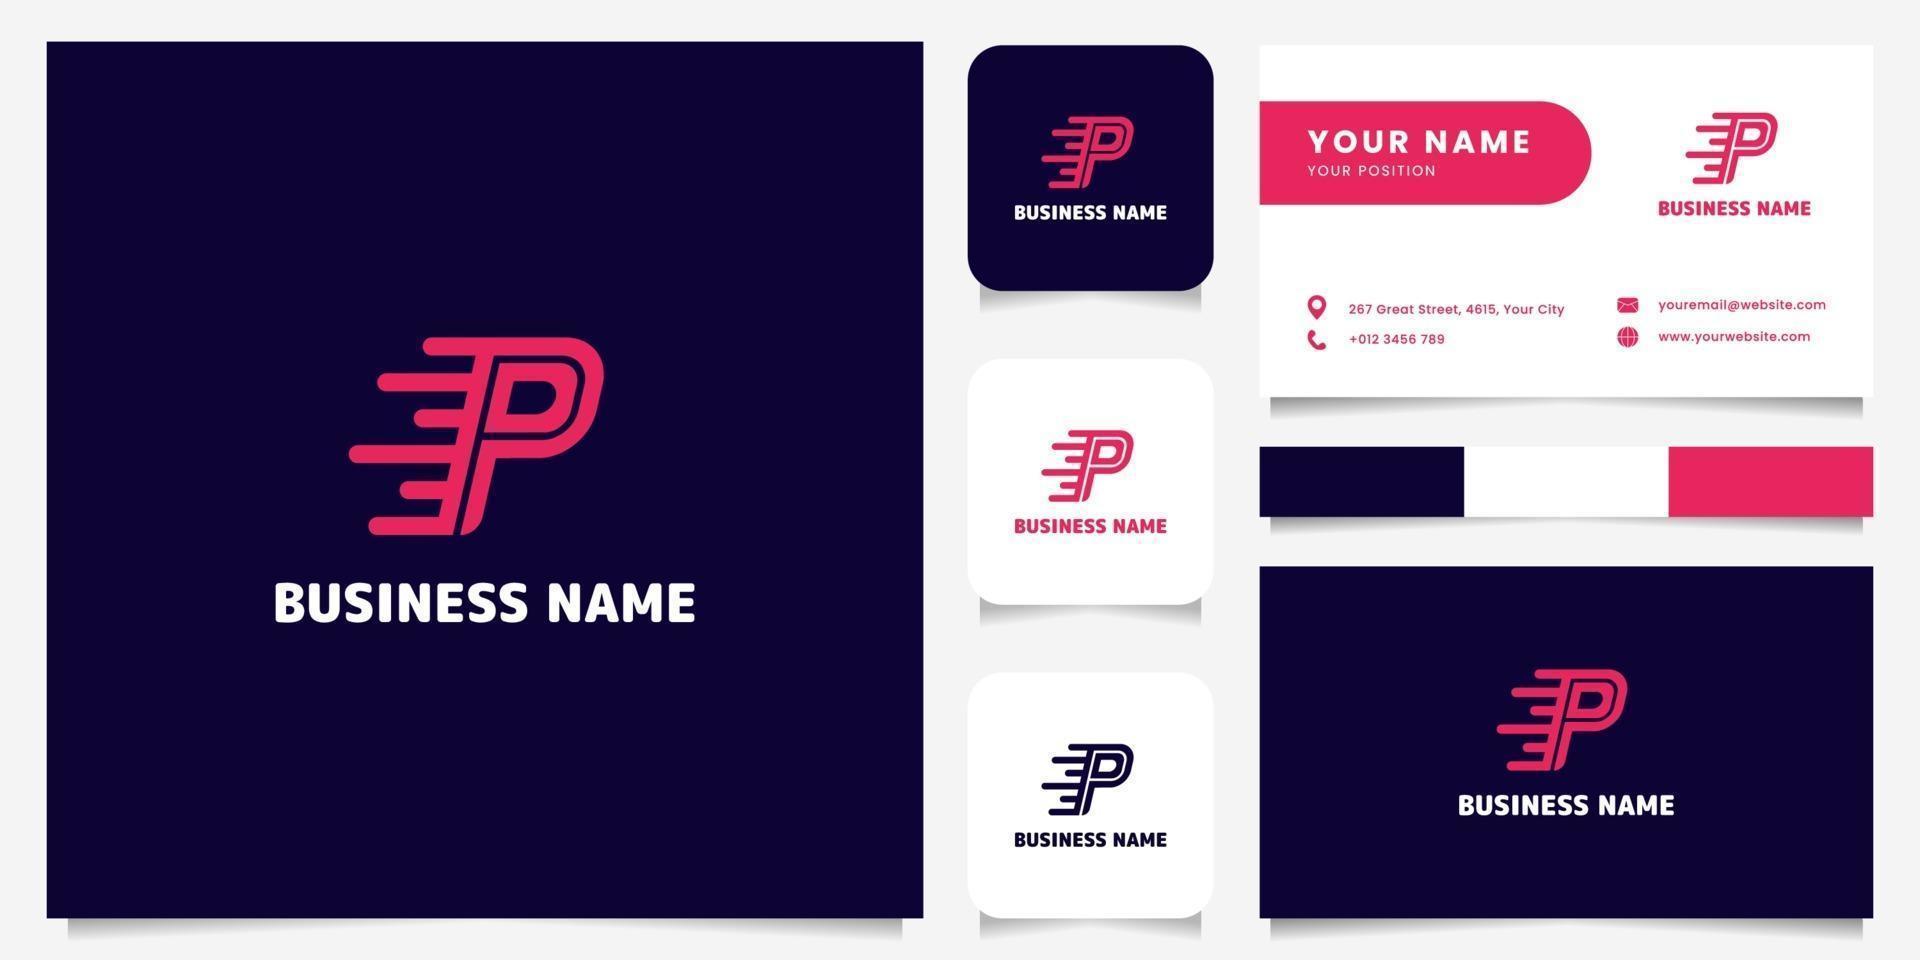 logo di velocità lettera p rosa brillante semplice e minimalista nel logo di sfondo scuro con modello di biglietto da visita vettore